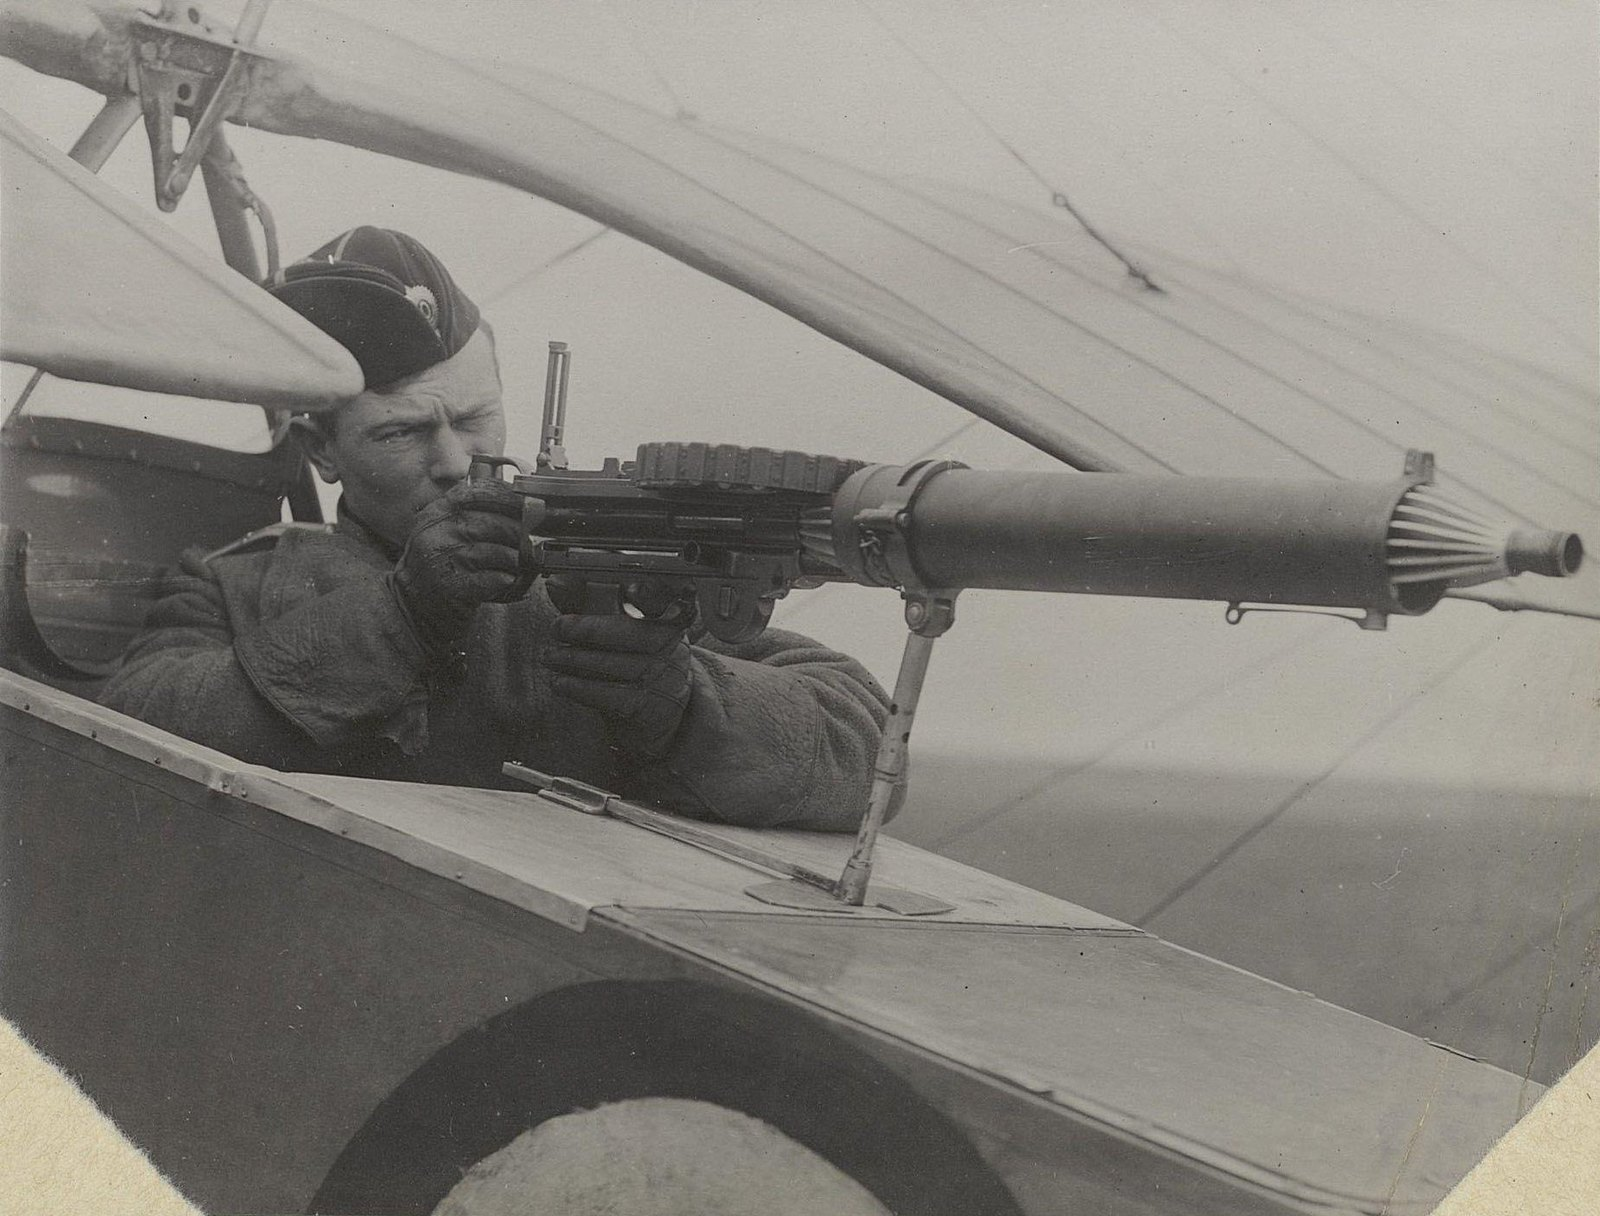 03. Лётчик с пулемётом в кабине самолёта